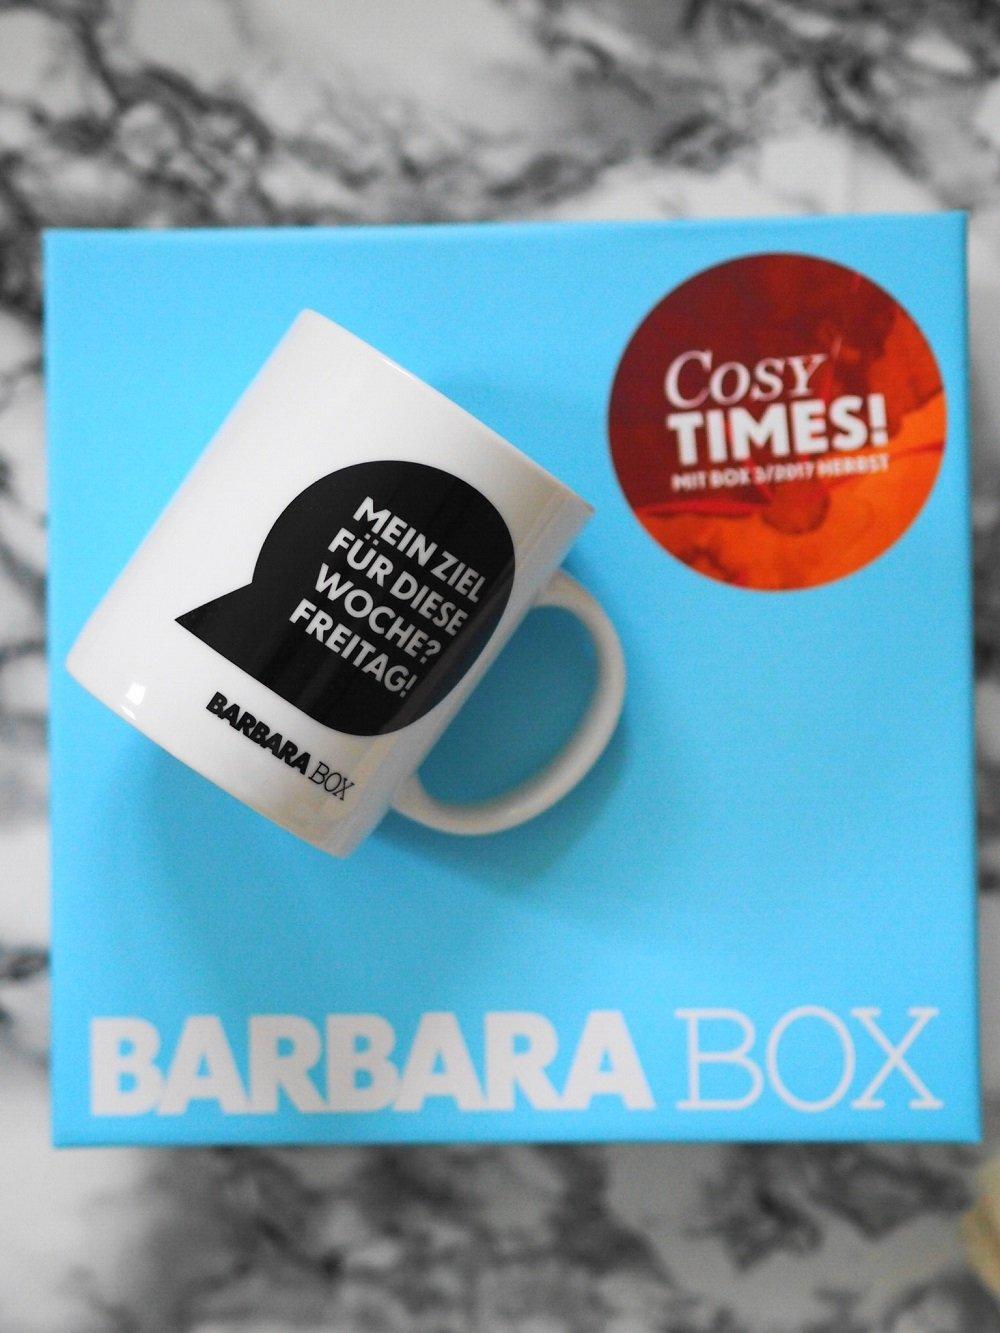 Heute stelle ich euch in meinem Blog den vielseitigen und hochwertigen Inhalt von der aktuellen Barbara Box Cosy Times näher vor